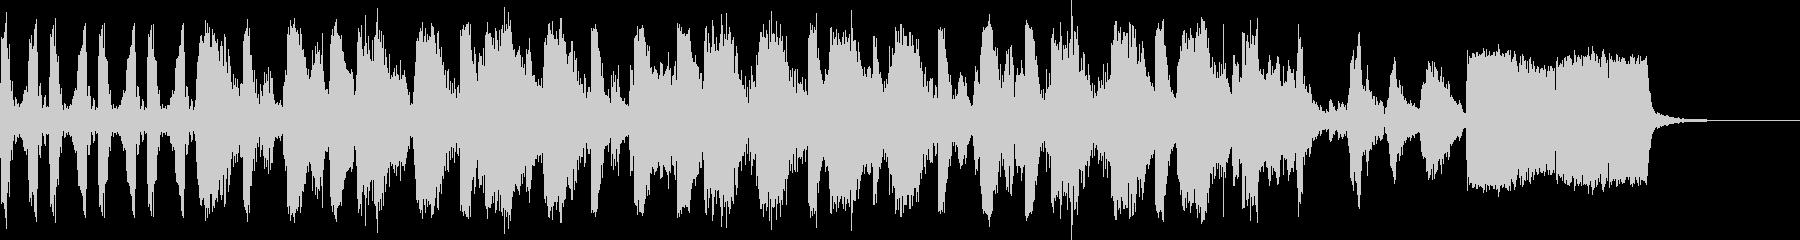 サウンドロゴHIPHOP-DJstyleの未再生の波形